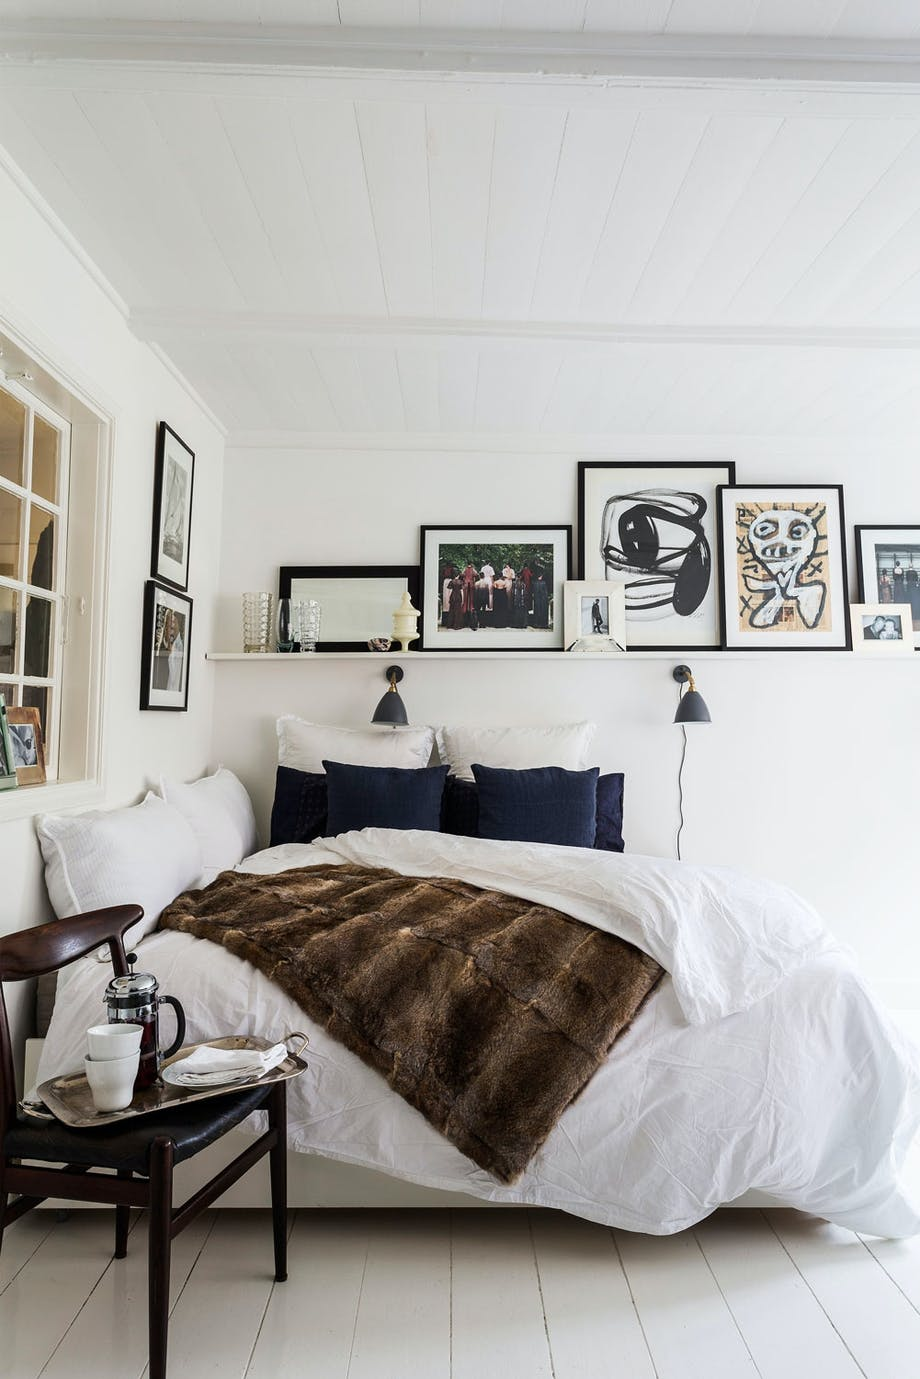 Perfekt seng for trangbodde: Sofaen kan brettes til en romslig seng.